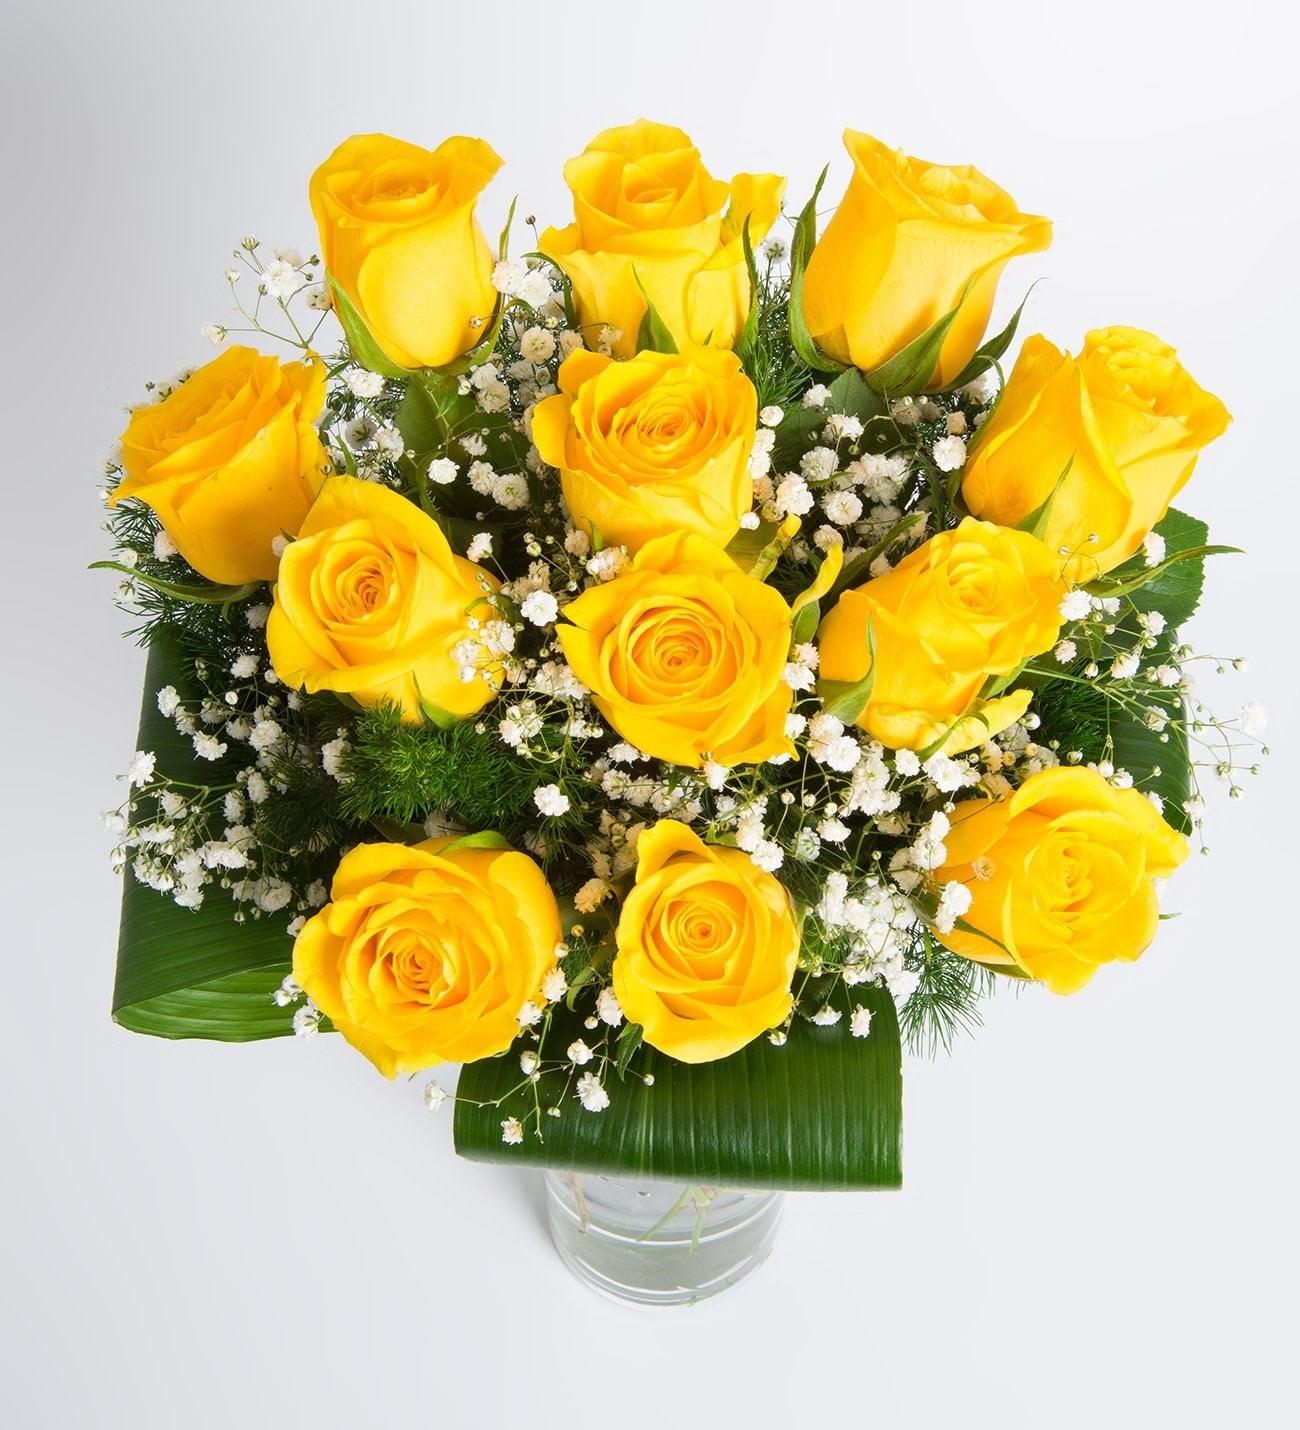 Feliz cumpleanos rosas amarillas